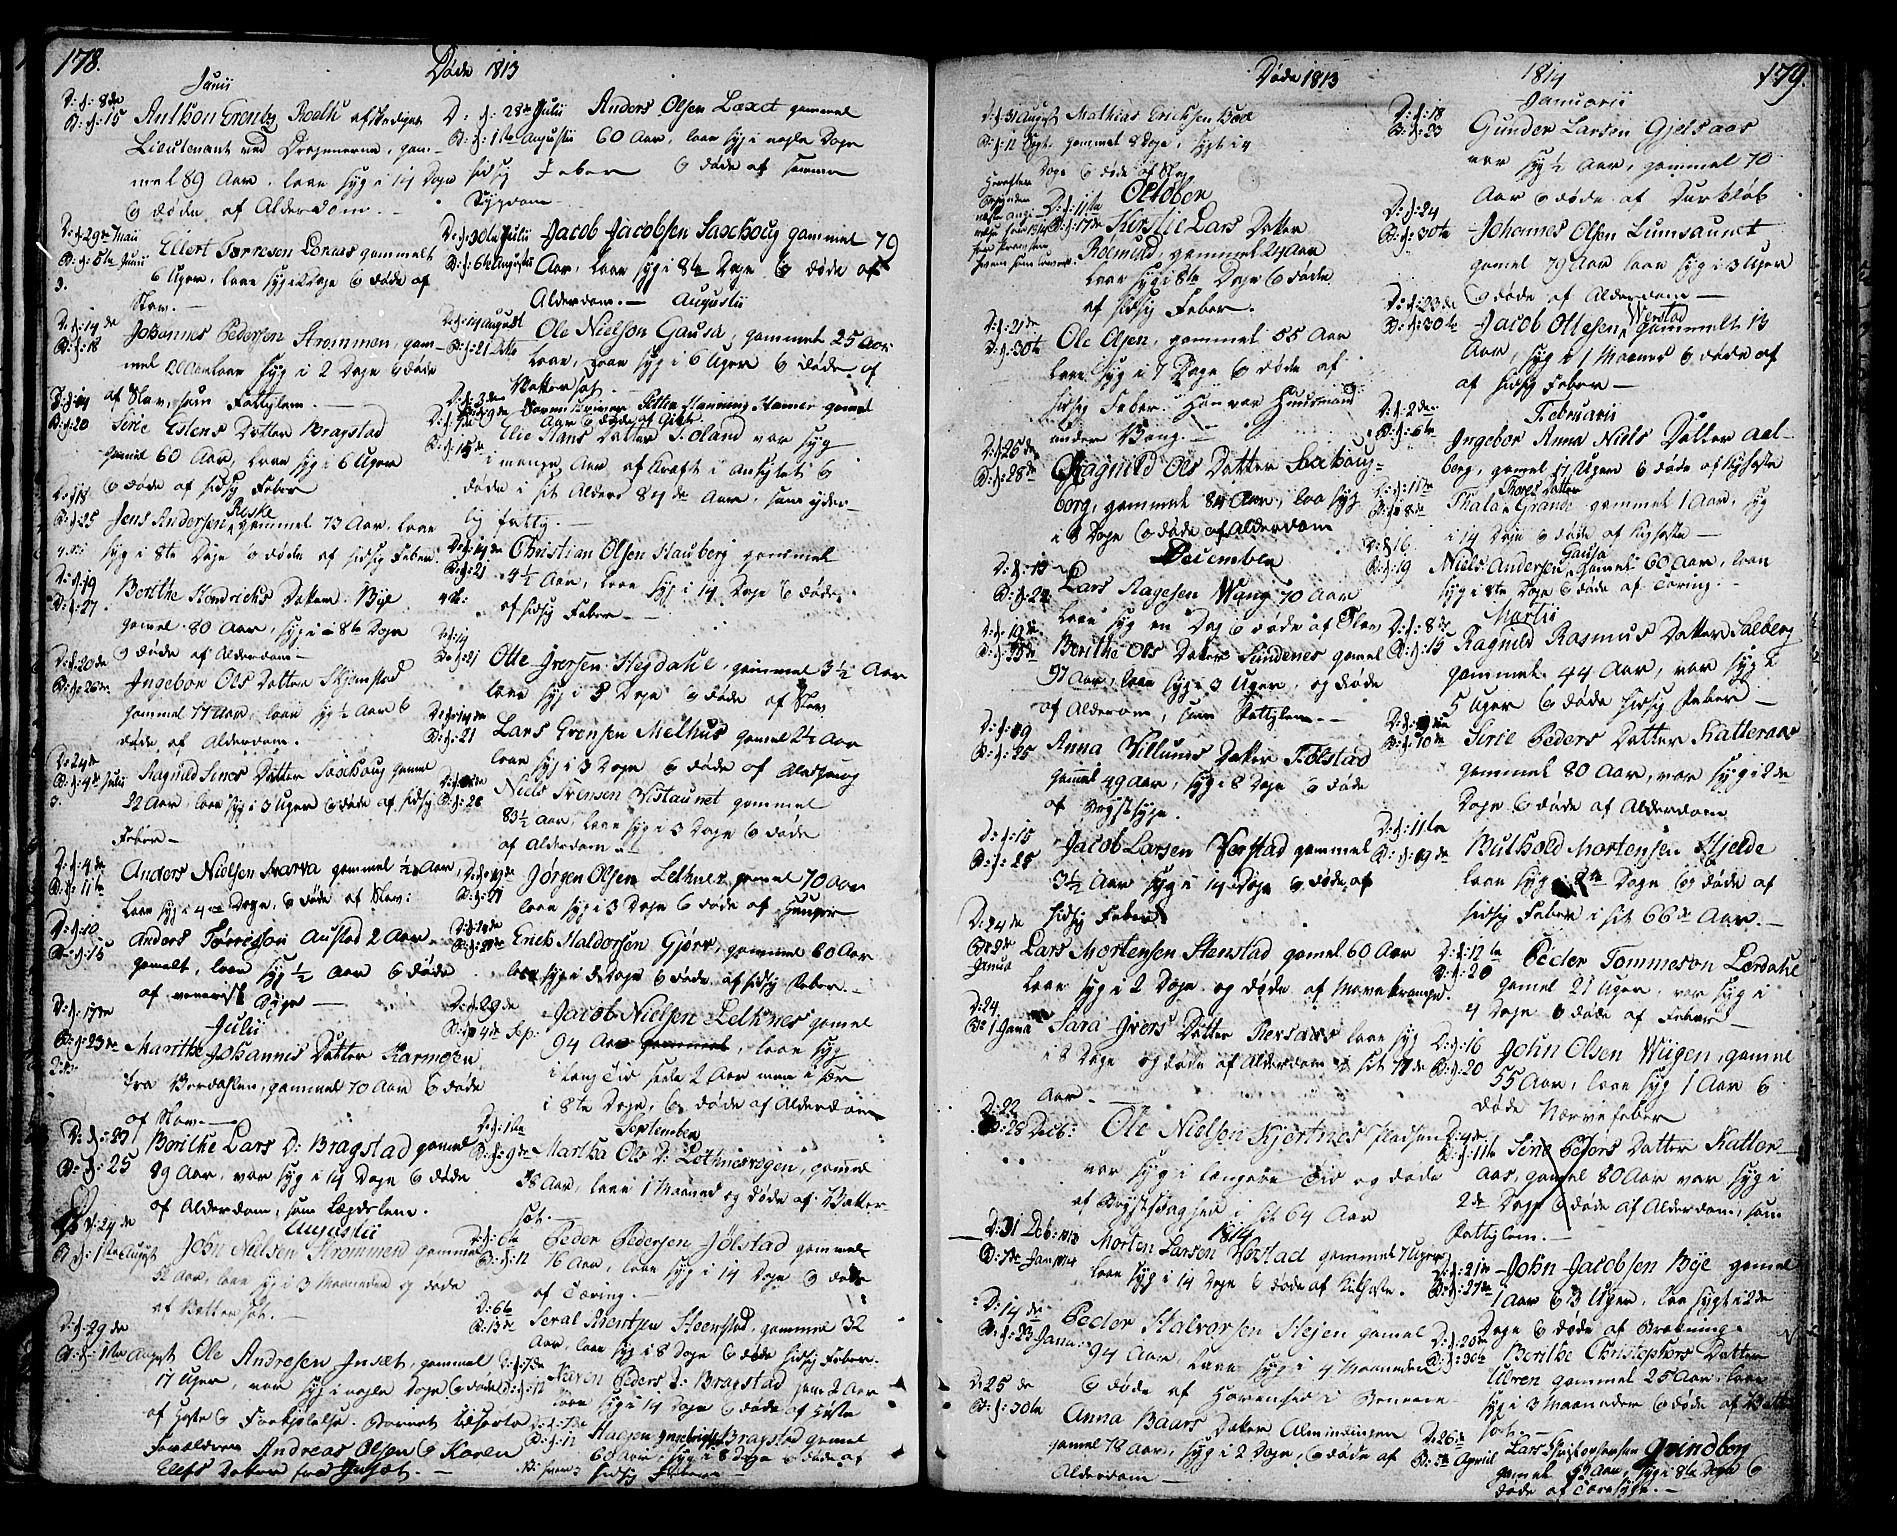 SAT, Ministerialprotokoller, klokkerbøker og fødselsregistre - Nord-Trøndelag, 730/L0274: Ministerialbok nr. 730A03, 1802-1816, s. 178-179